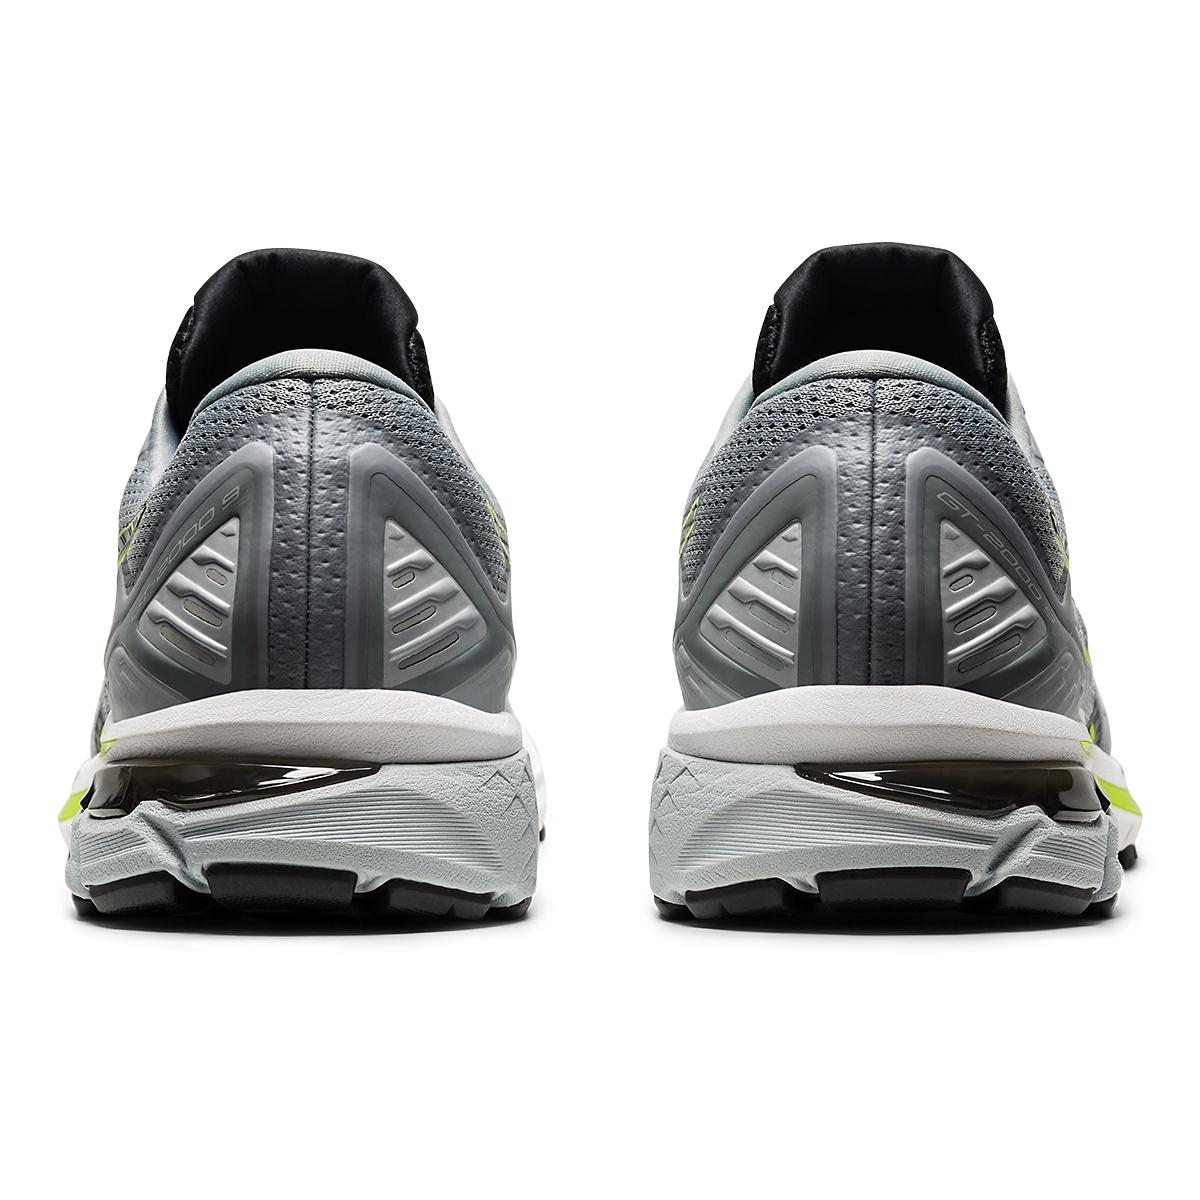 Men's Asics GT-2000 9 Running Shoe - Color: Sheet Rock/Black - Size: 7 - Width: Regular, Sheet Rock/Black, large, image 6